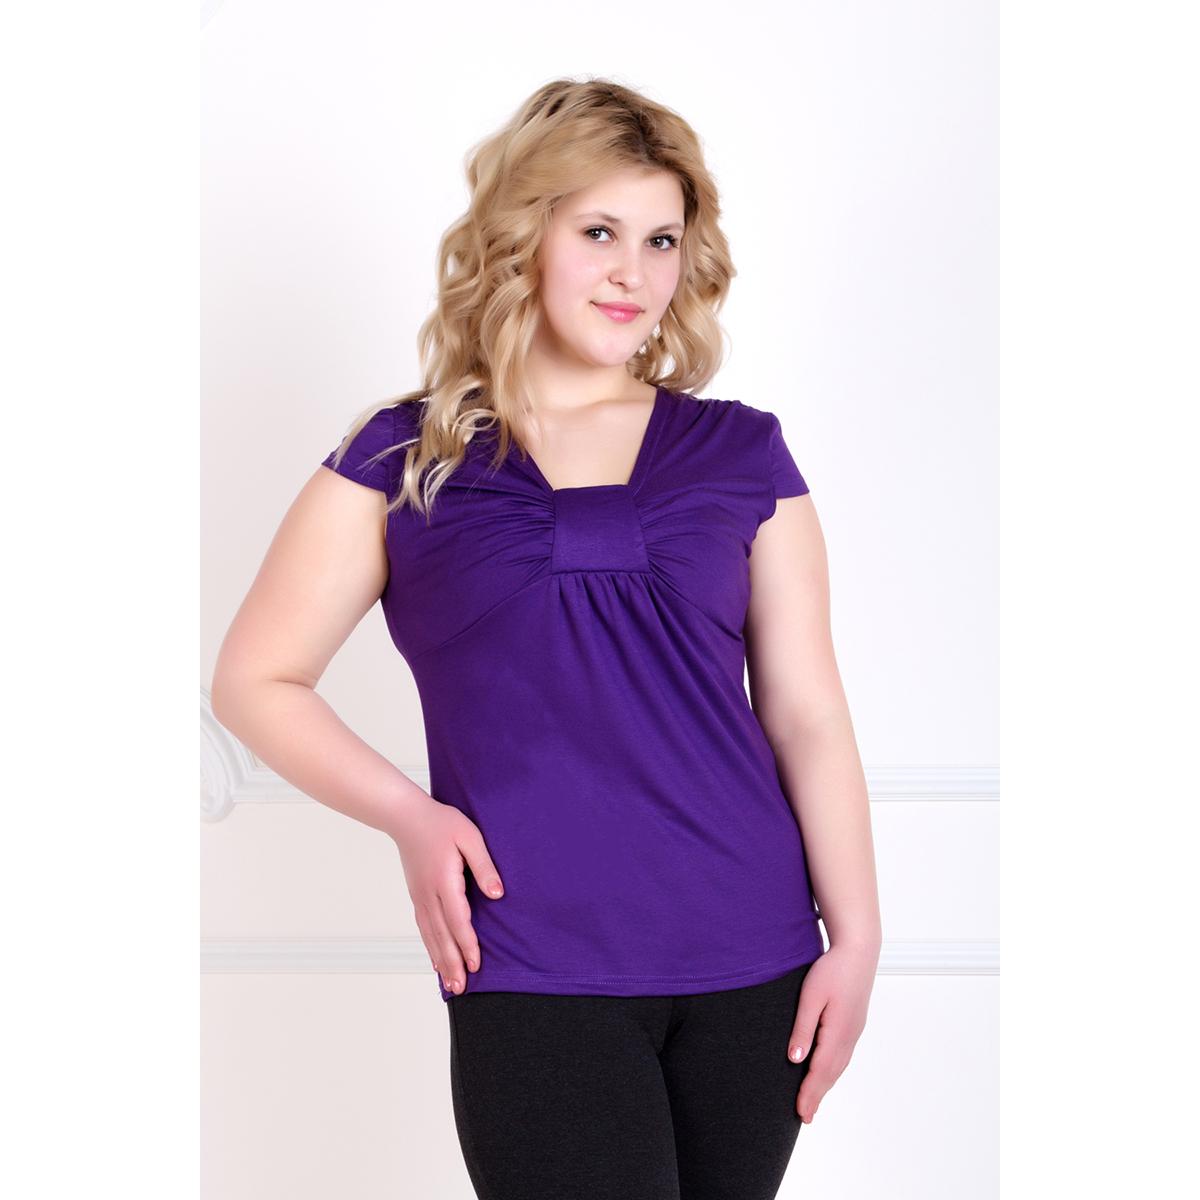 Женская блуза Романтика Фиолетовый, размер 48Распродажа<br>Обхват груди:96 см<br>Обхват талии:78 см<br>Обхват бедер:104 см<br>Рост:167 см<br><br>Тип: Жен. блуза<br>Размер: 48<br>Материал: Вискоза